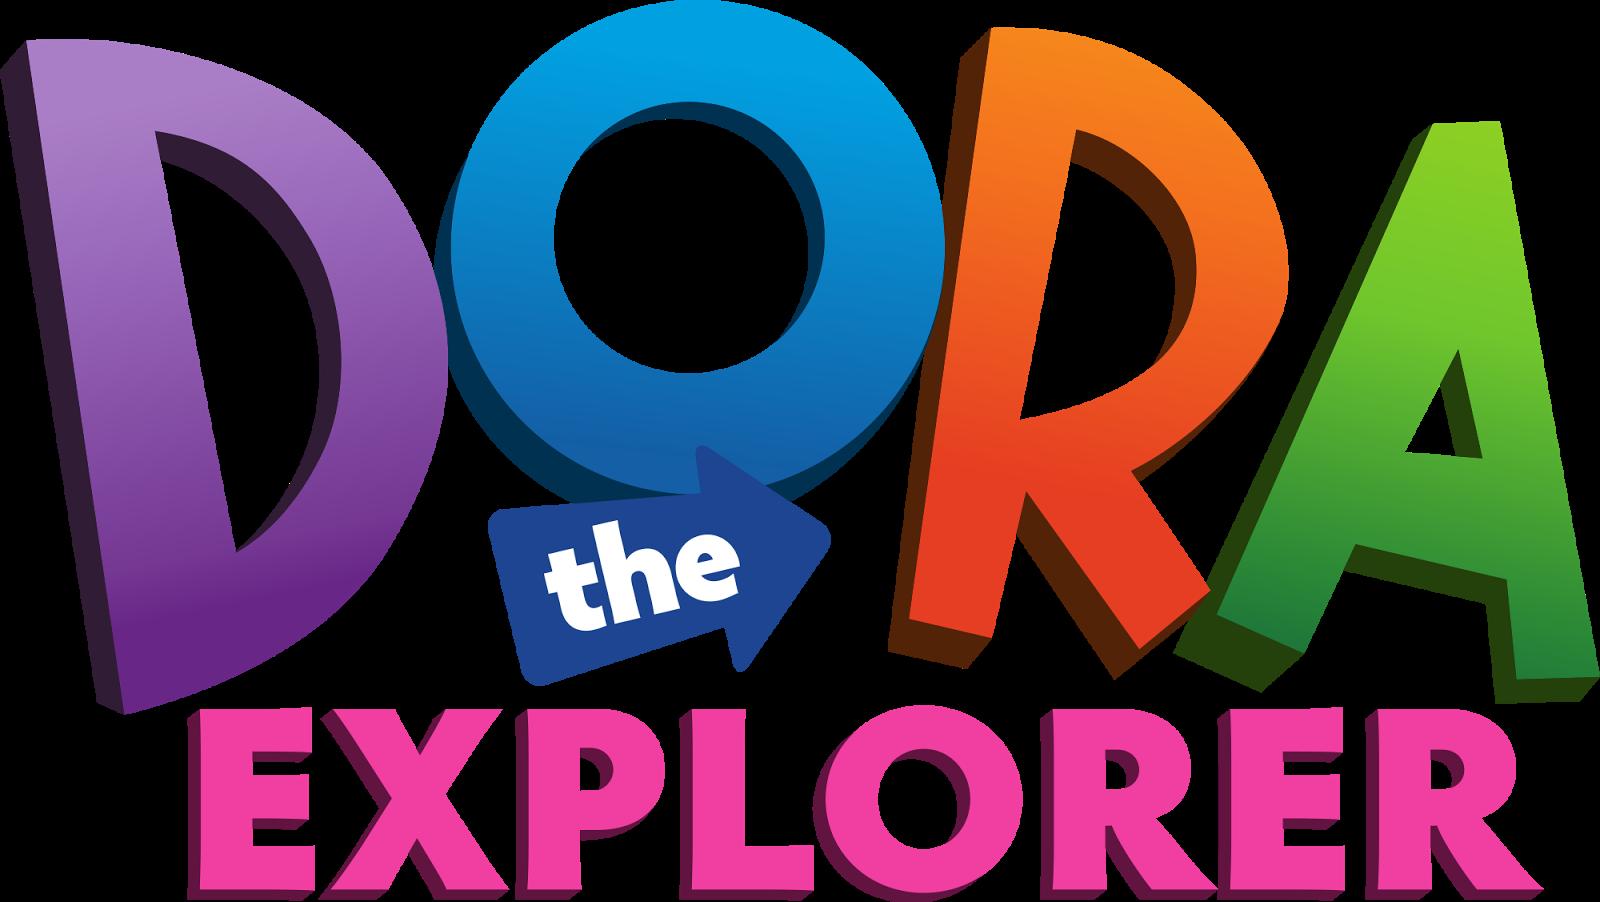 Famous Dora The Explorer Quotes: Dora The Explorer Quotes. QuotesGram